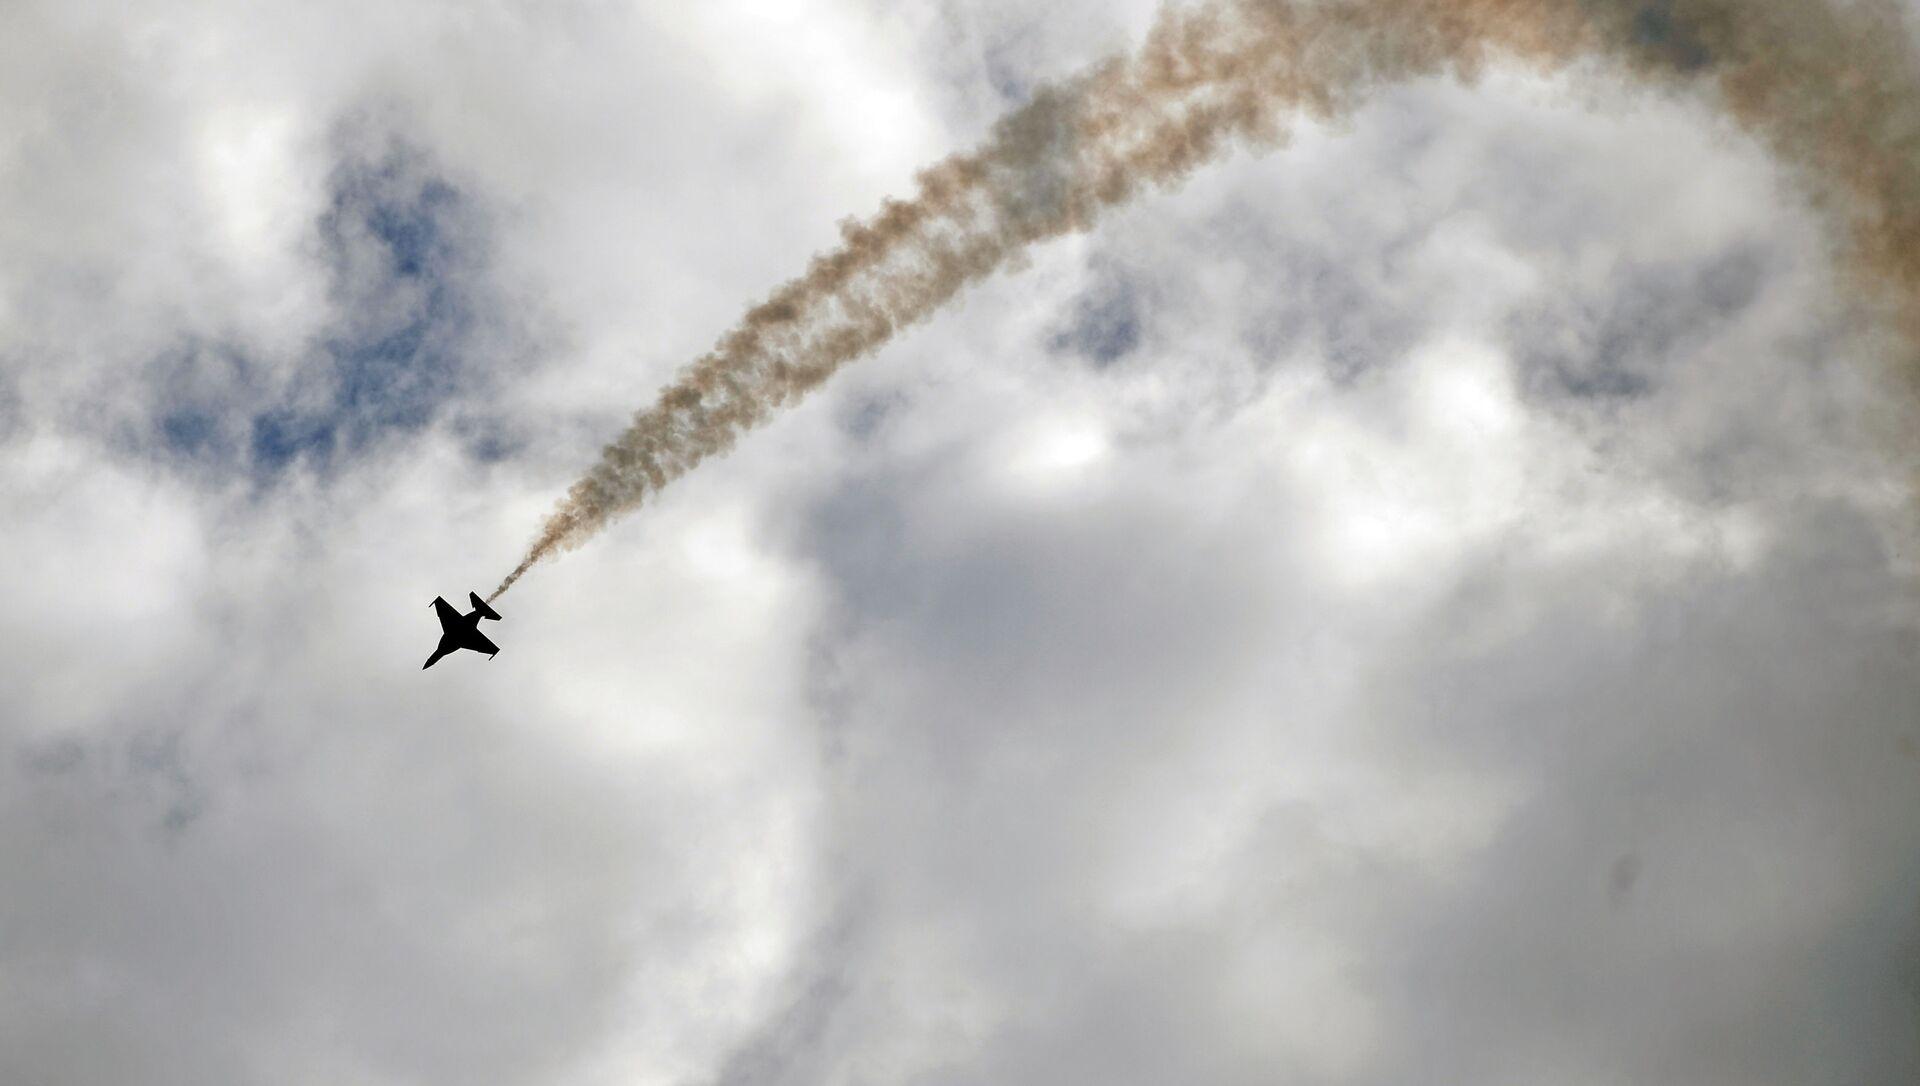 Samolot Jak-130 podczas lotu treningowego przed rozpoczęciem Międzynarodowego Salonu Lotniczego i Kosmicznego MAKS-2017 w Żukowskim. - Sputnik Polska, 1920, 19.05.2021